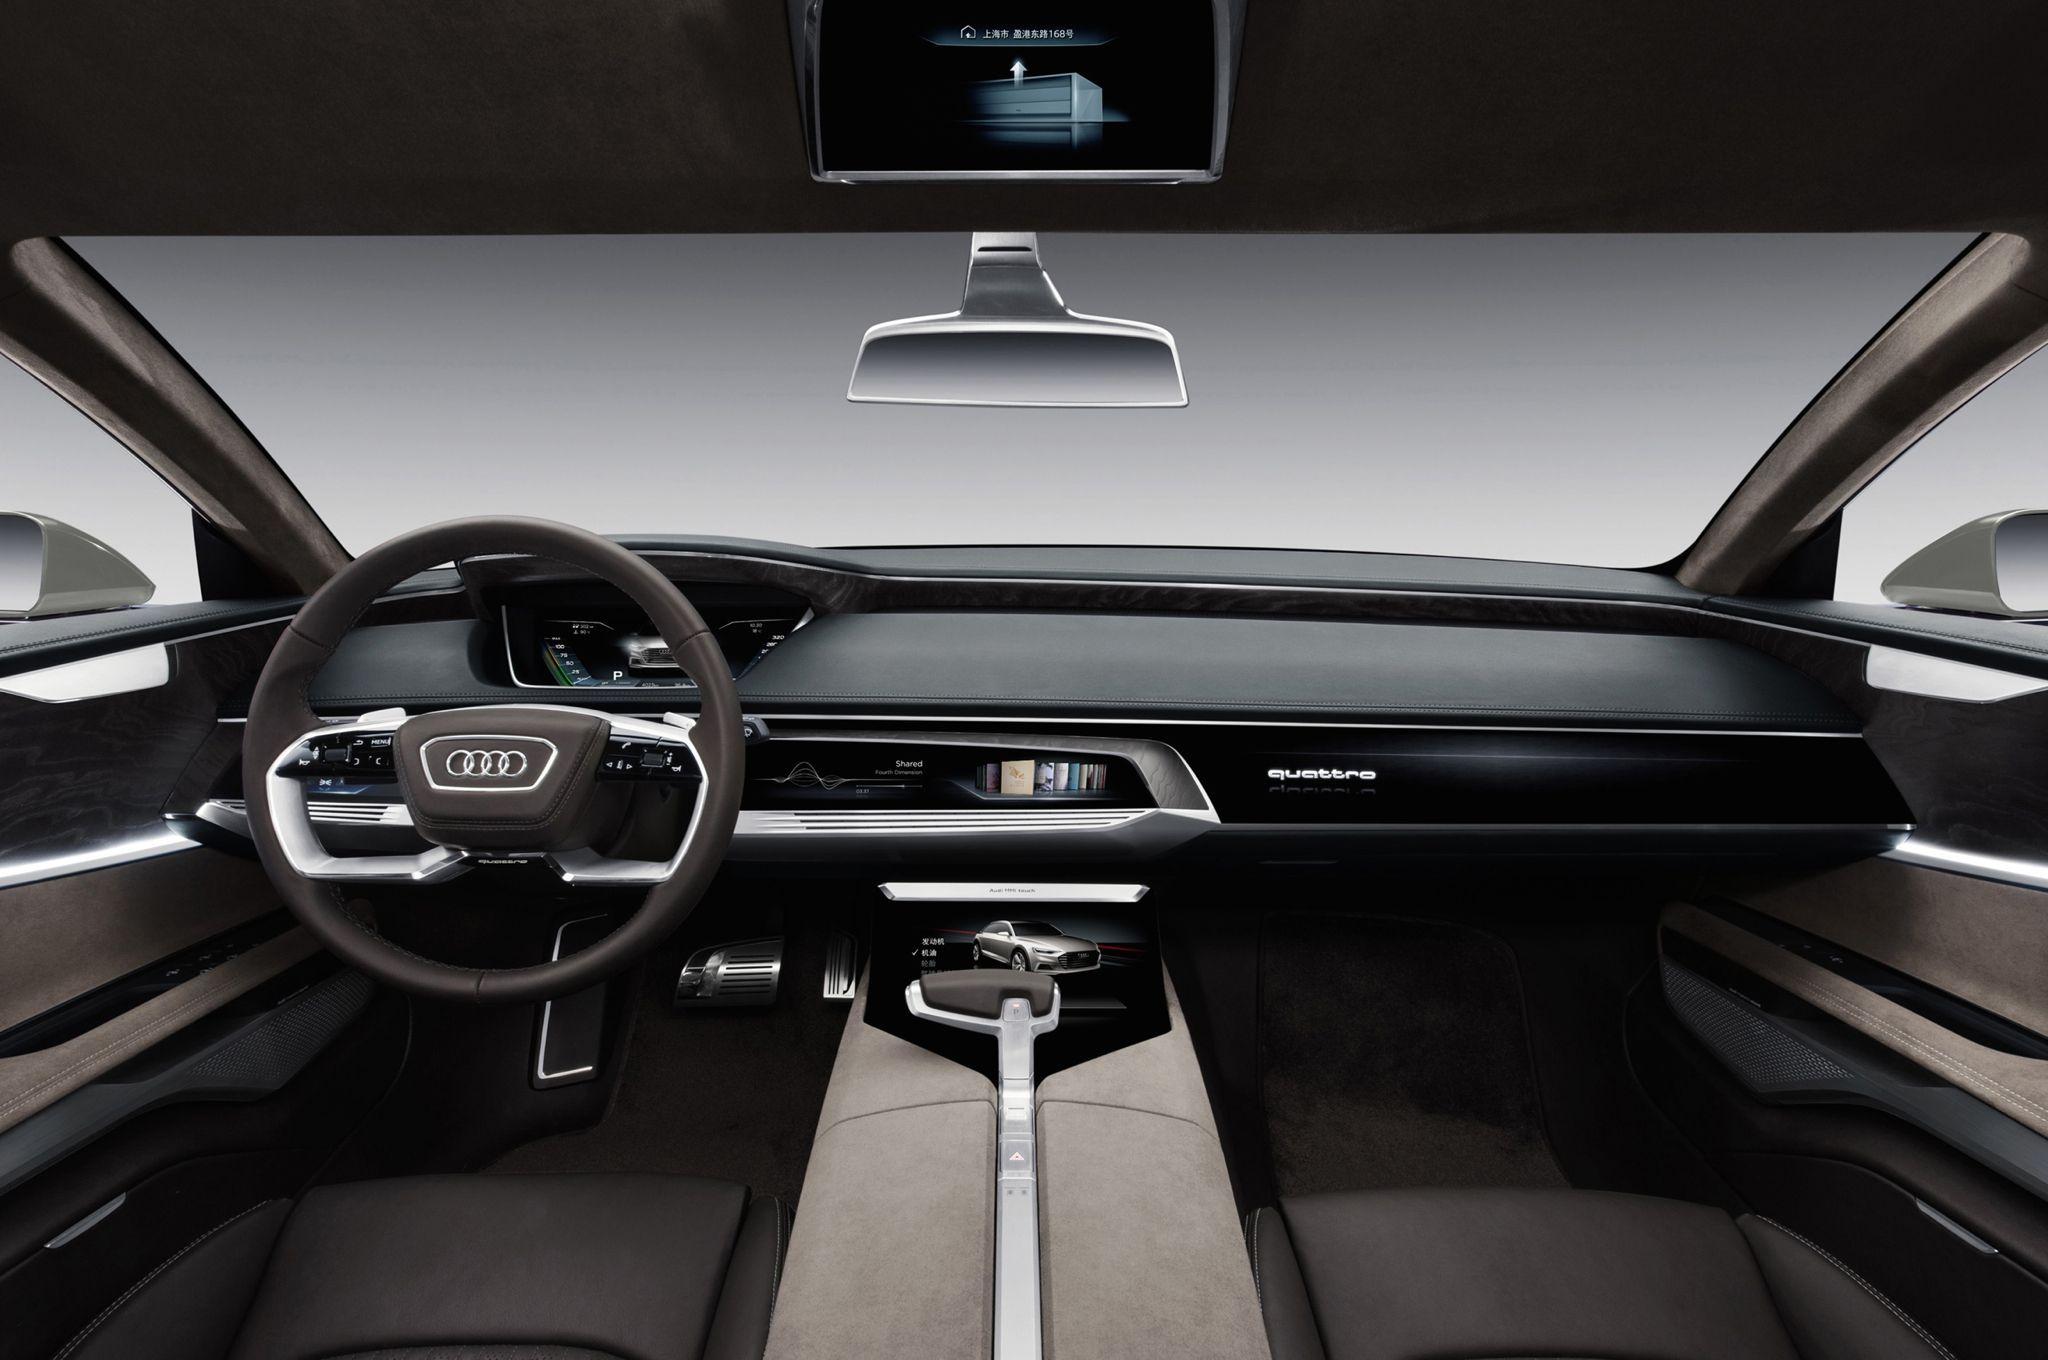 dashboard audi a9 - Google Search | Car | Pinterest | Audi, Audi a6 ...